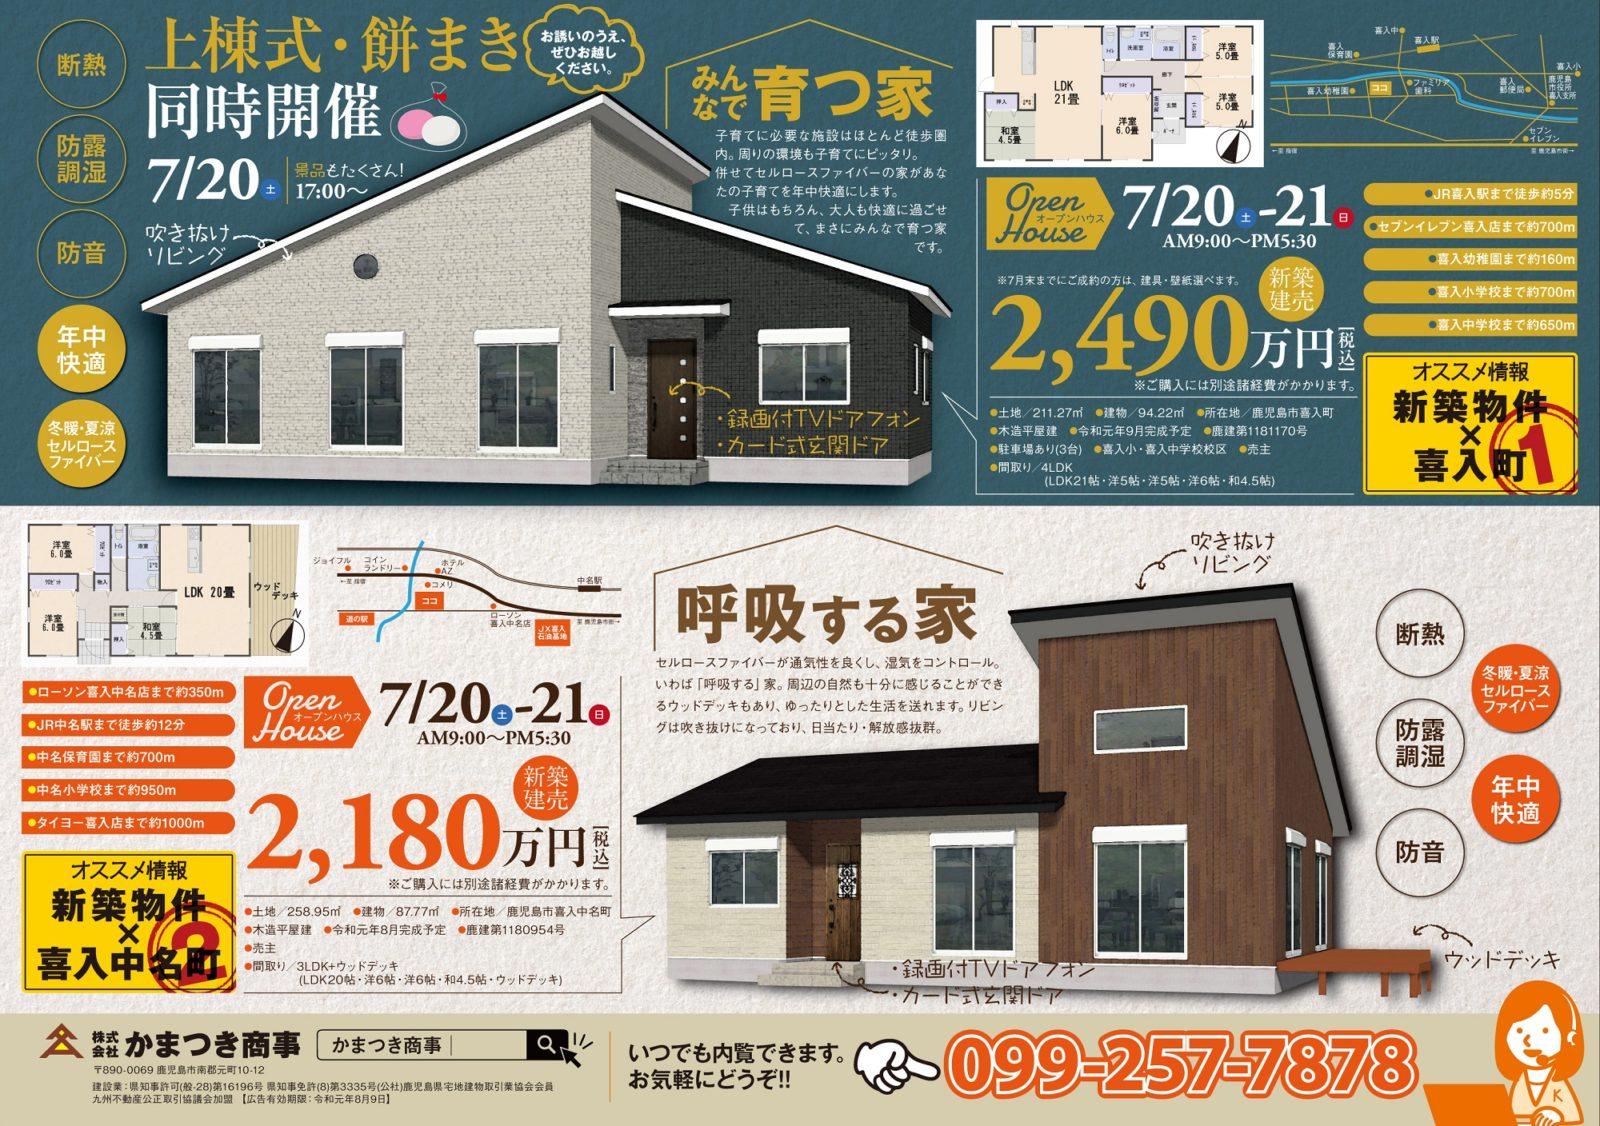 かまつき商事 | 『コンフォート喜入モデル・中名モデル2棟同時オープンハウス』 【鹿児島市喜入】